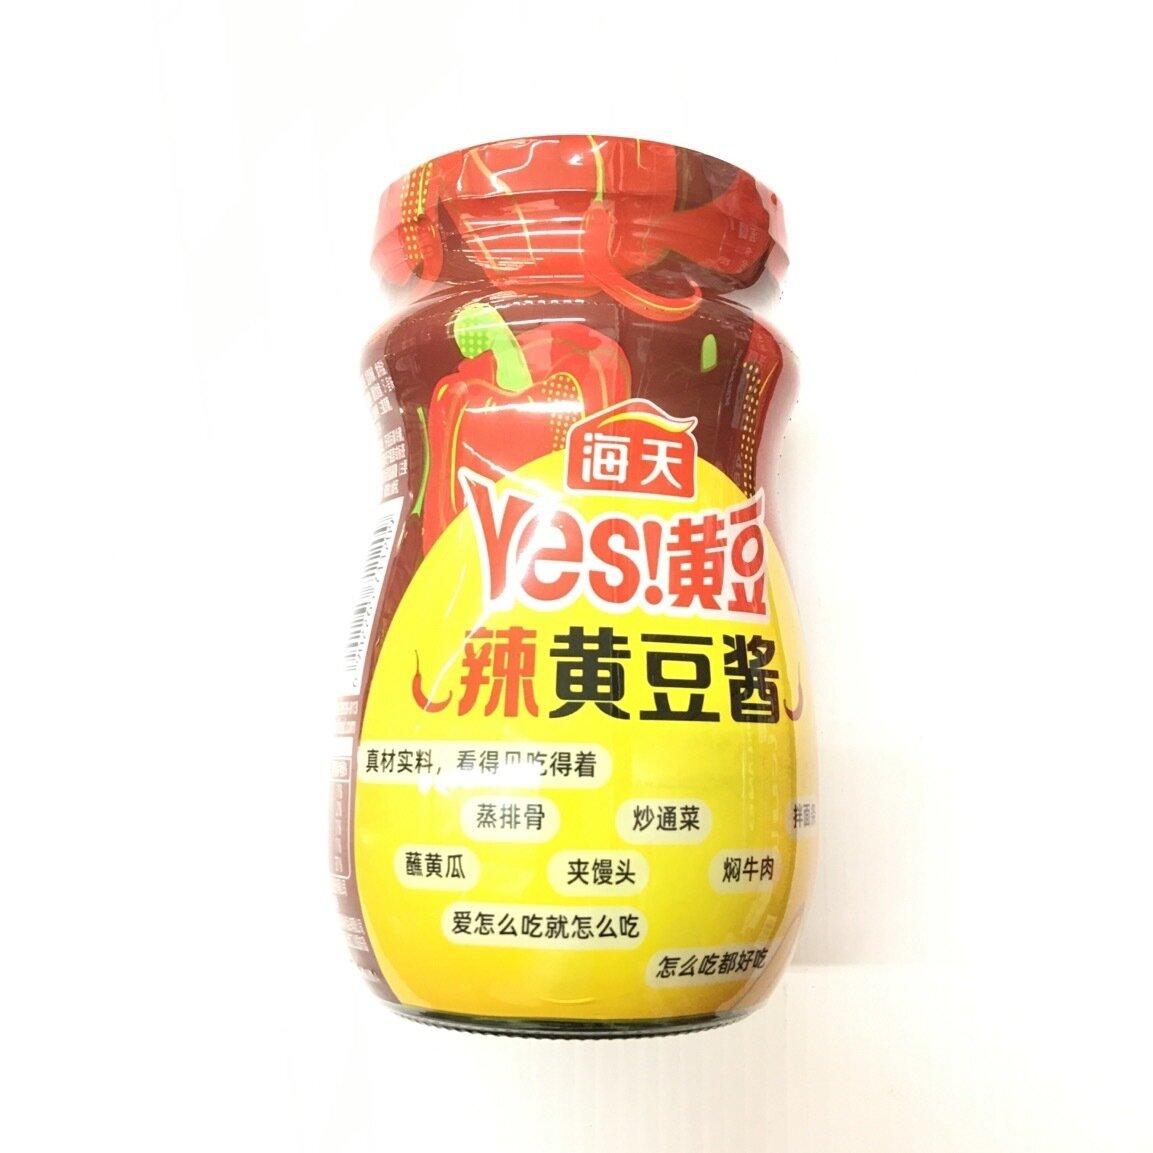 GROC【杂货】(新品)海天 辣黄豆酱 800g